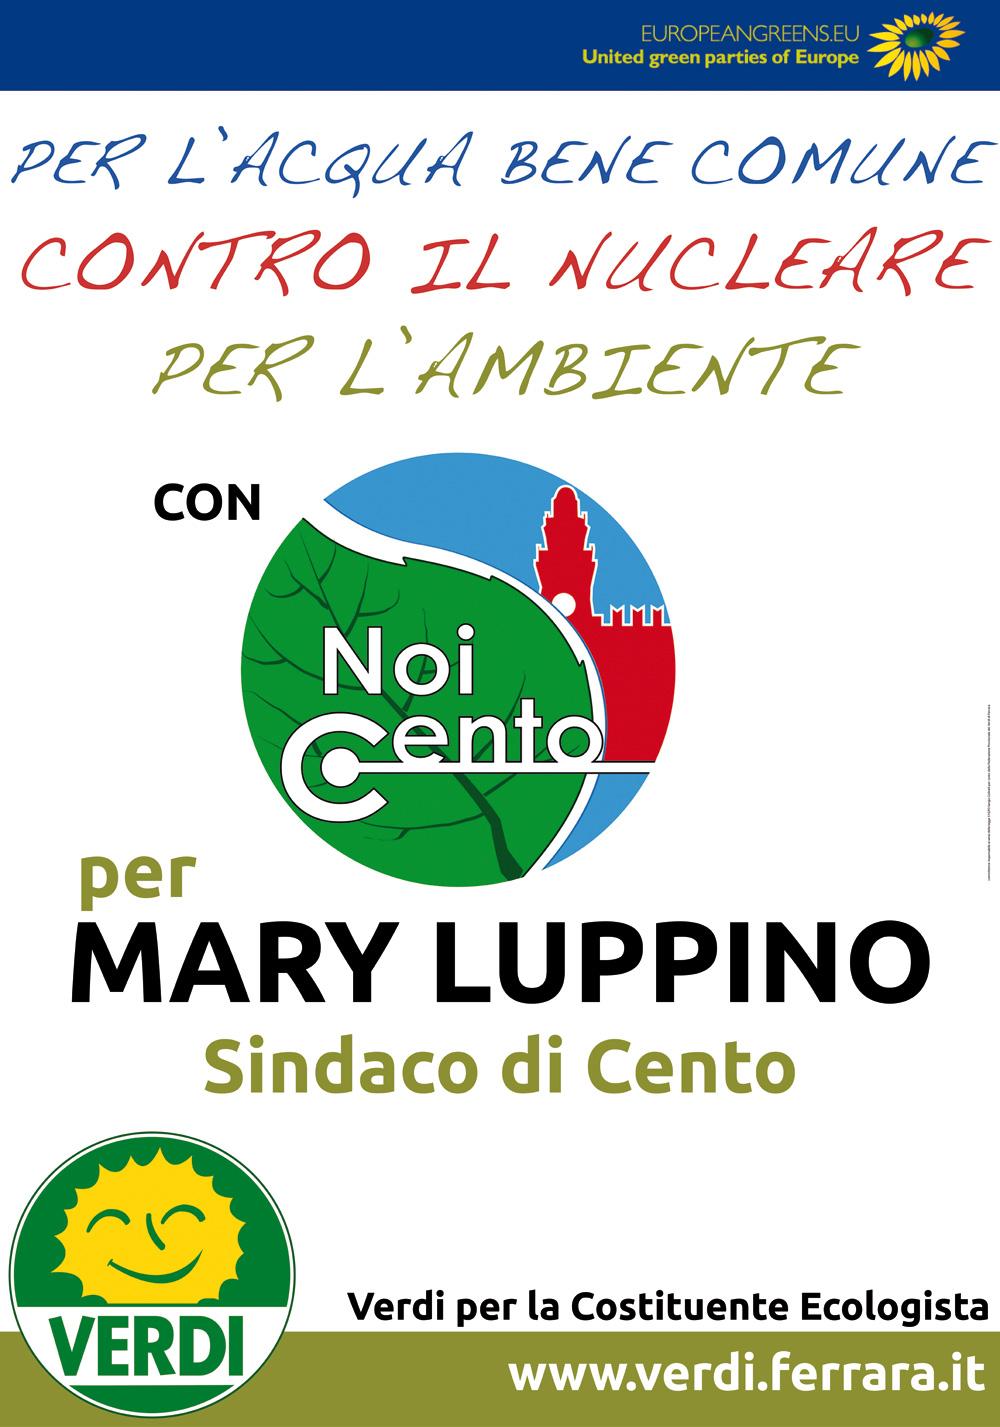 """<div class=""""at-above-post-cat-page addthis_tool"""" data-url=""""http://www.verdi.ferrara.it/sito/2011/05/01/a-cento-per-mary-luppino/""""></div>I Verdi per la Costituente ecologista di Ferrara sostengono la candidatura a Sindaco di Cento di Mary Luppino anche con la candidatura nelle lista NOI CENTO di Barbara Diolaiti, insegnante, […]<!-- AddThis Advanced Settings above via filter on get_the_excerpt --><!-- AddThis Advanced Settings below via filter on get_the_excerpt --><!-- AddThis Advanced Settings generic via filter on get_the_excerpt --><!-- AddThis Share Buttons above via filter on get_the_excerpt --><!-- AddThis Share Buttons below via filter on get_the_excerpt --><div class=""""at-below-post-cat-page addthis_tool"""" data-url=""""http://www.verdi.ferrara.it/sito/2011/05/01/a-cento-per-mary-luppino/""""></div><!-- AddThis Share Buttons generic via filter on get_the_excerpt -->"""